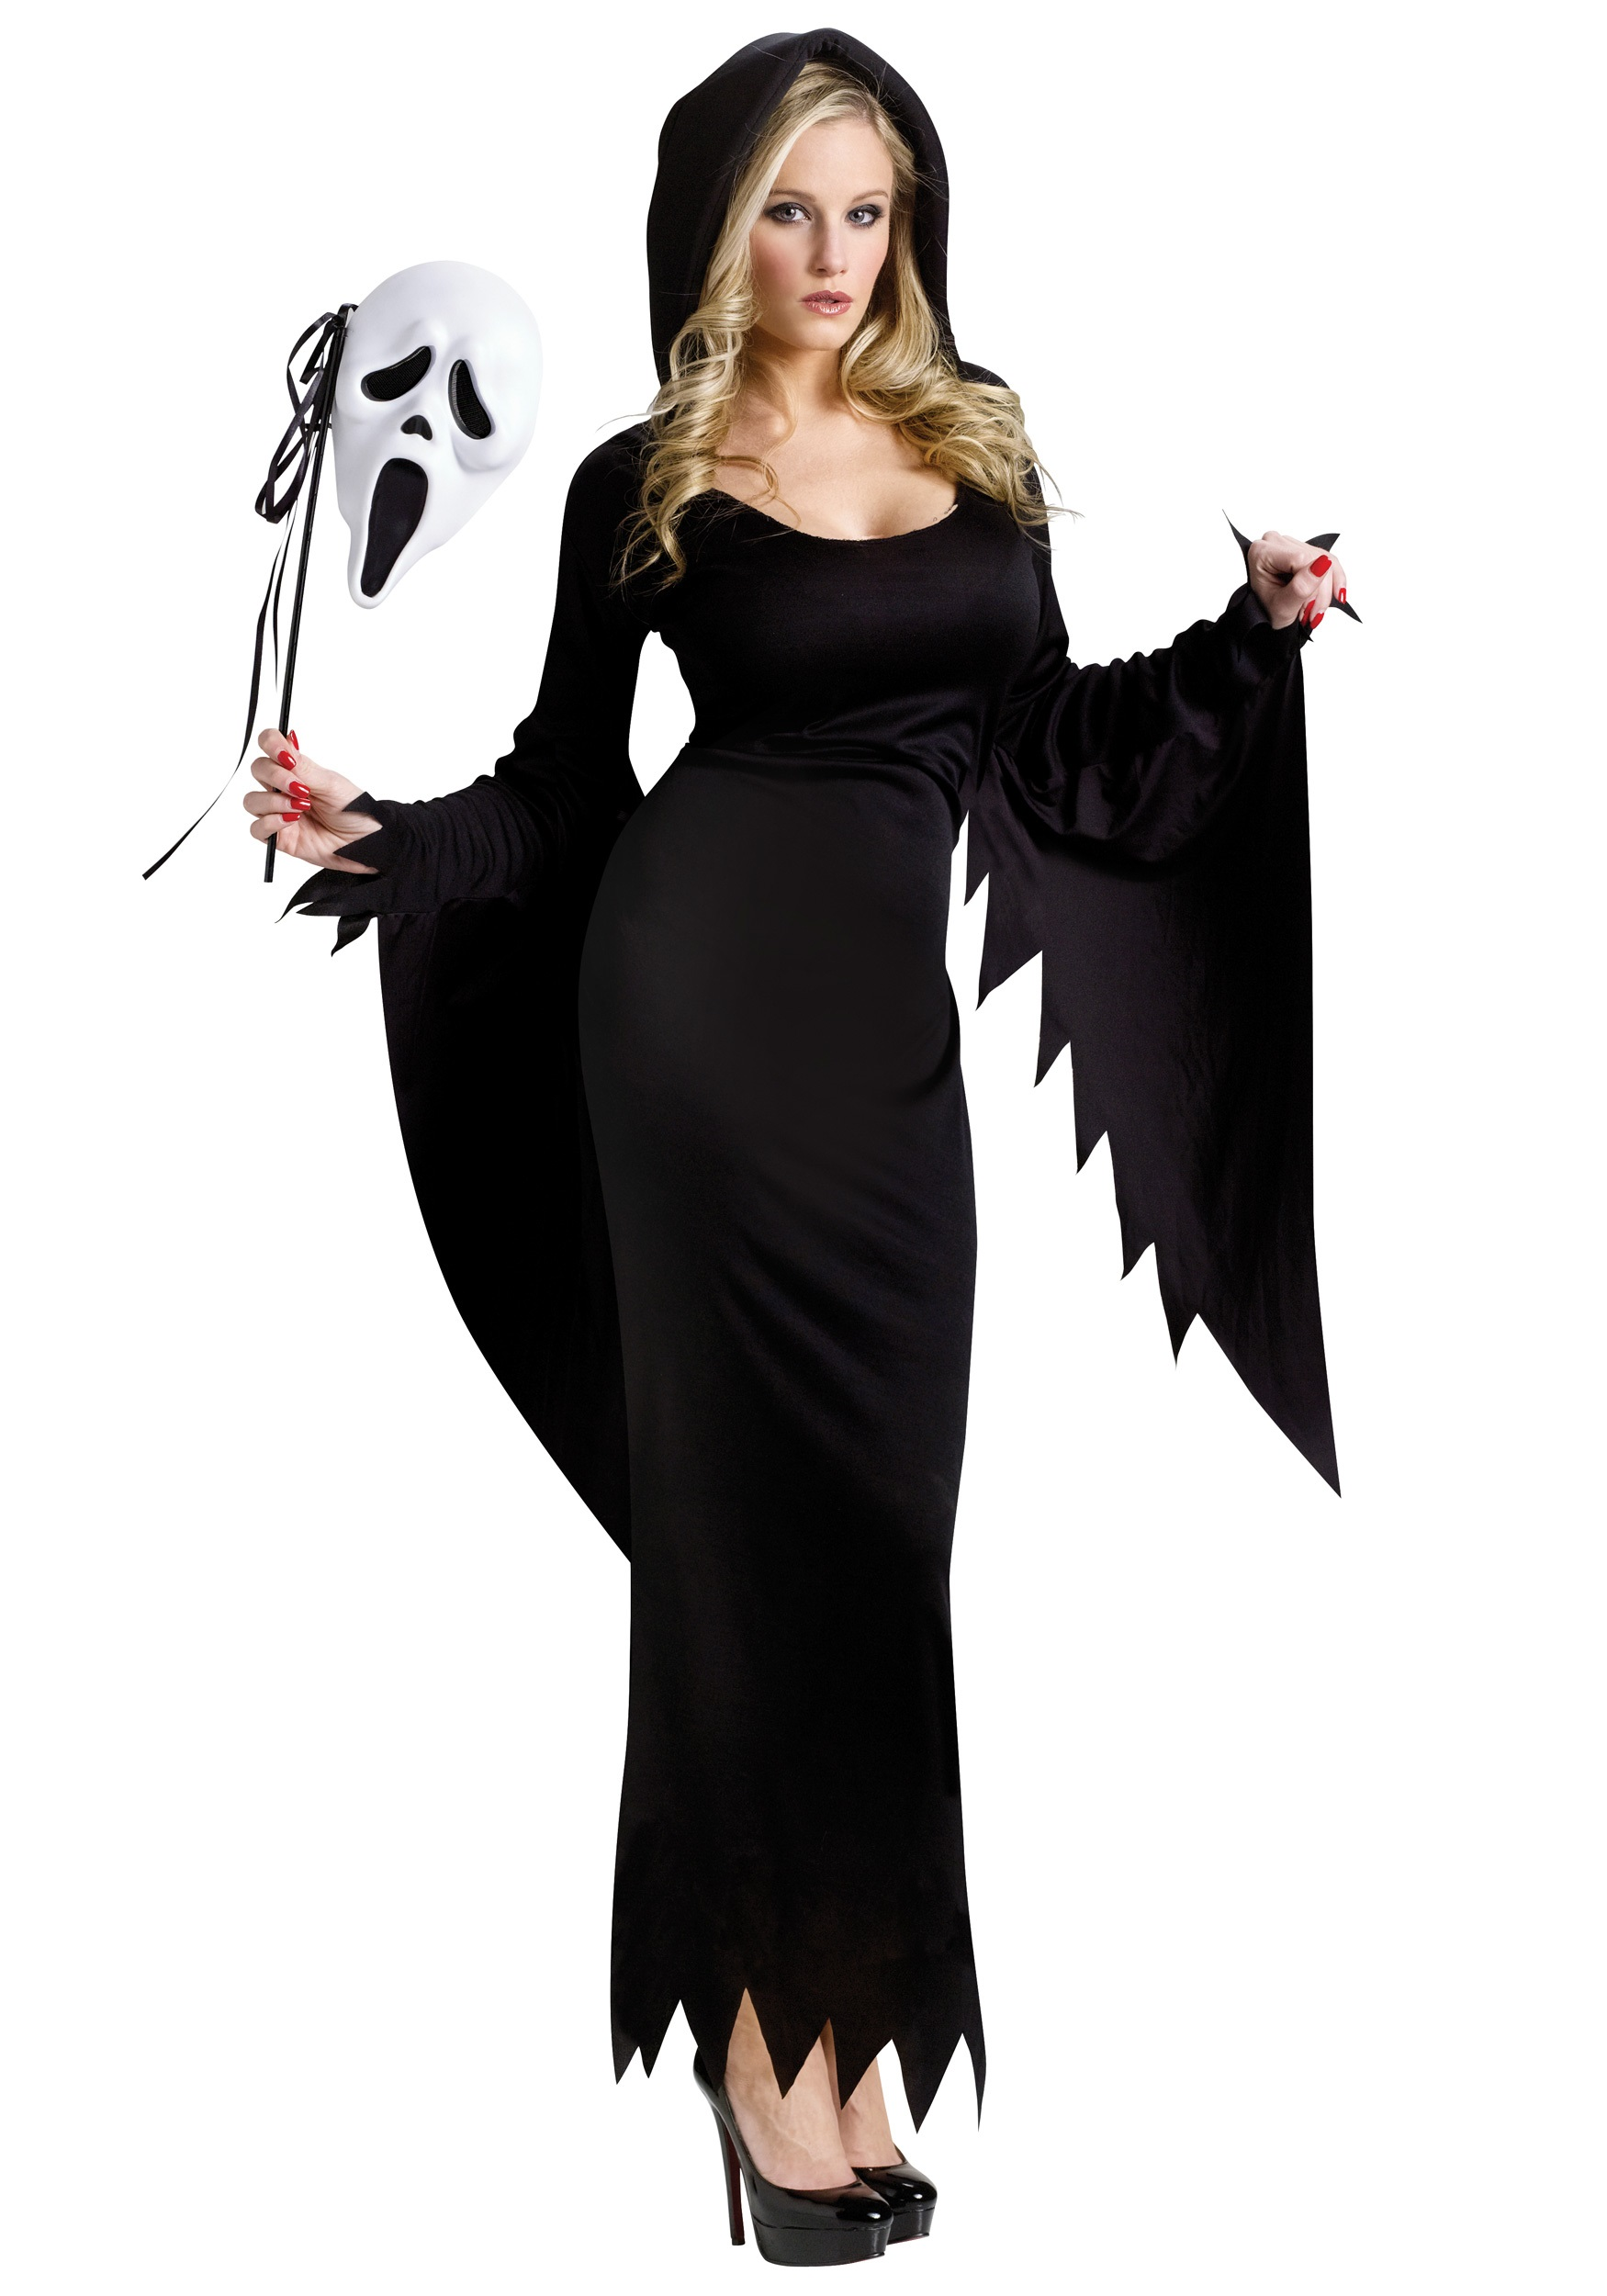 Костюм на хэллоуин своими руками пиковой дамы